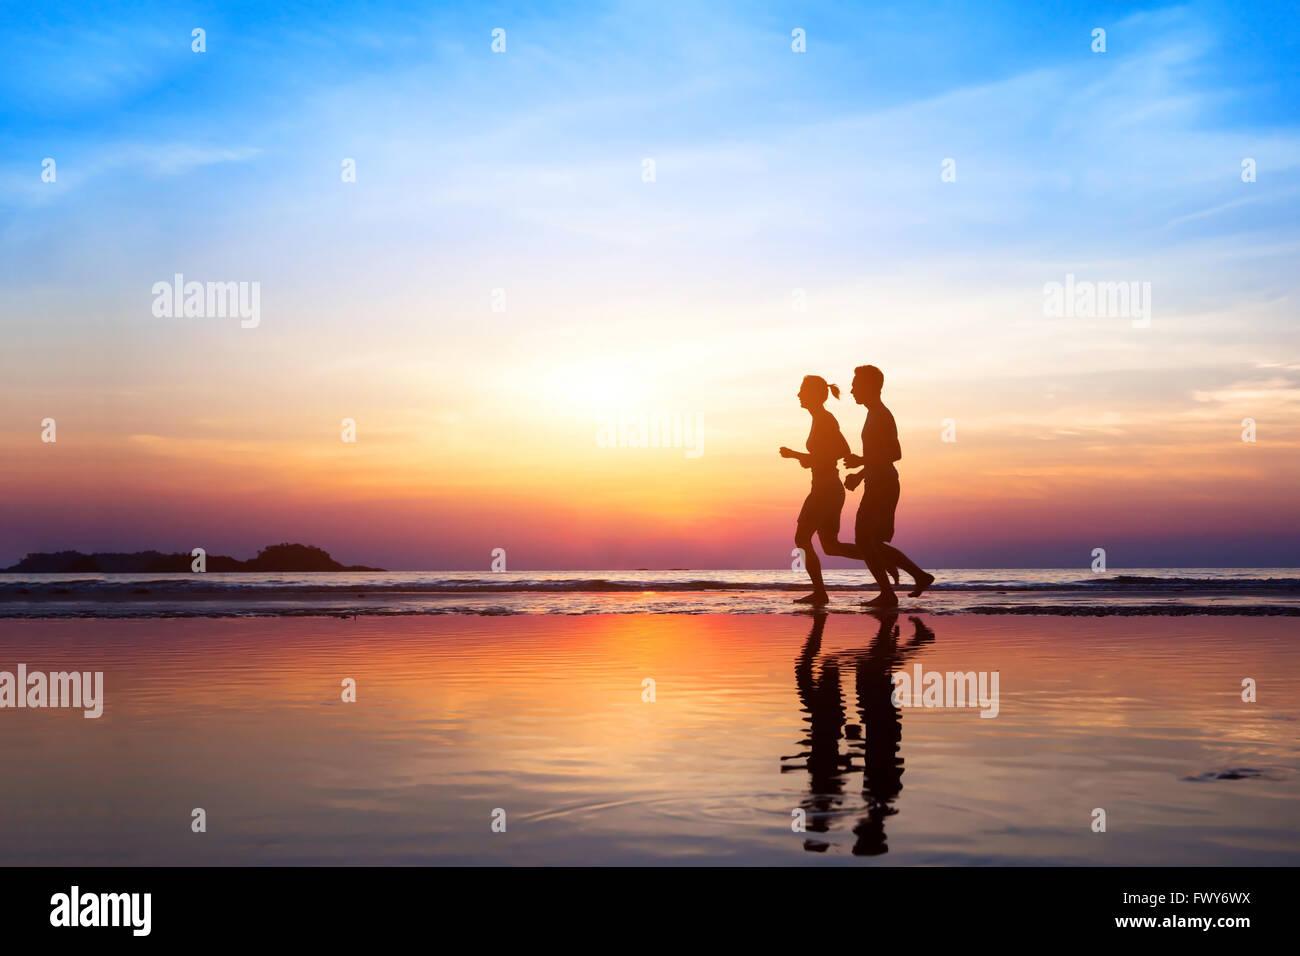 Training-Hintergrund, zwei Menschen, Joggen am Strand bei Sonnenuntergang, Läufer Silhouetten, gesunden Lebensstil Stockfoto